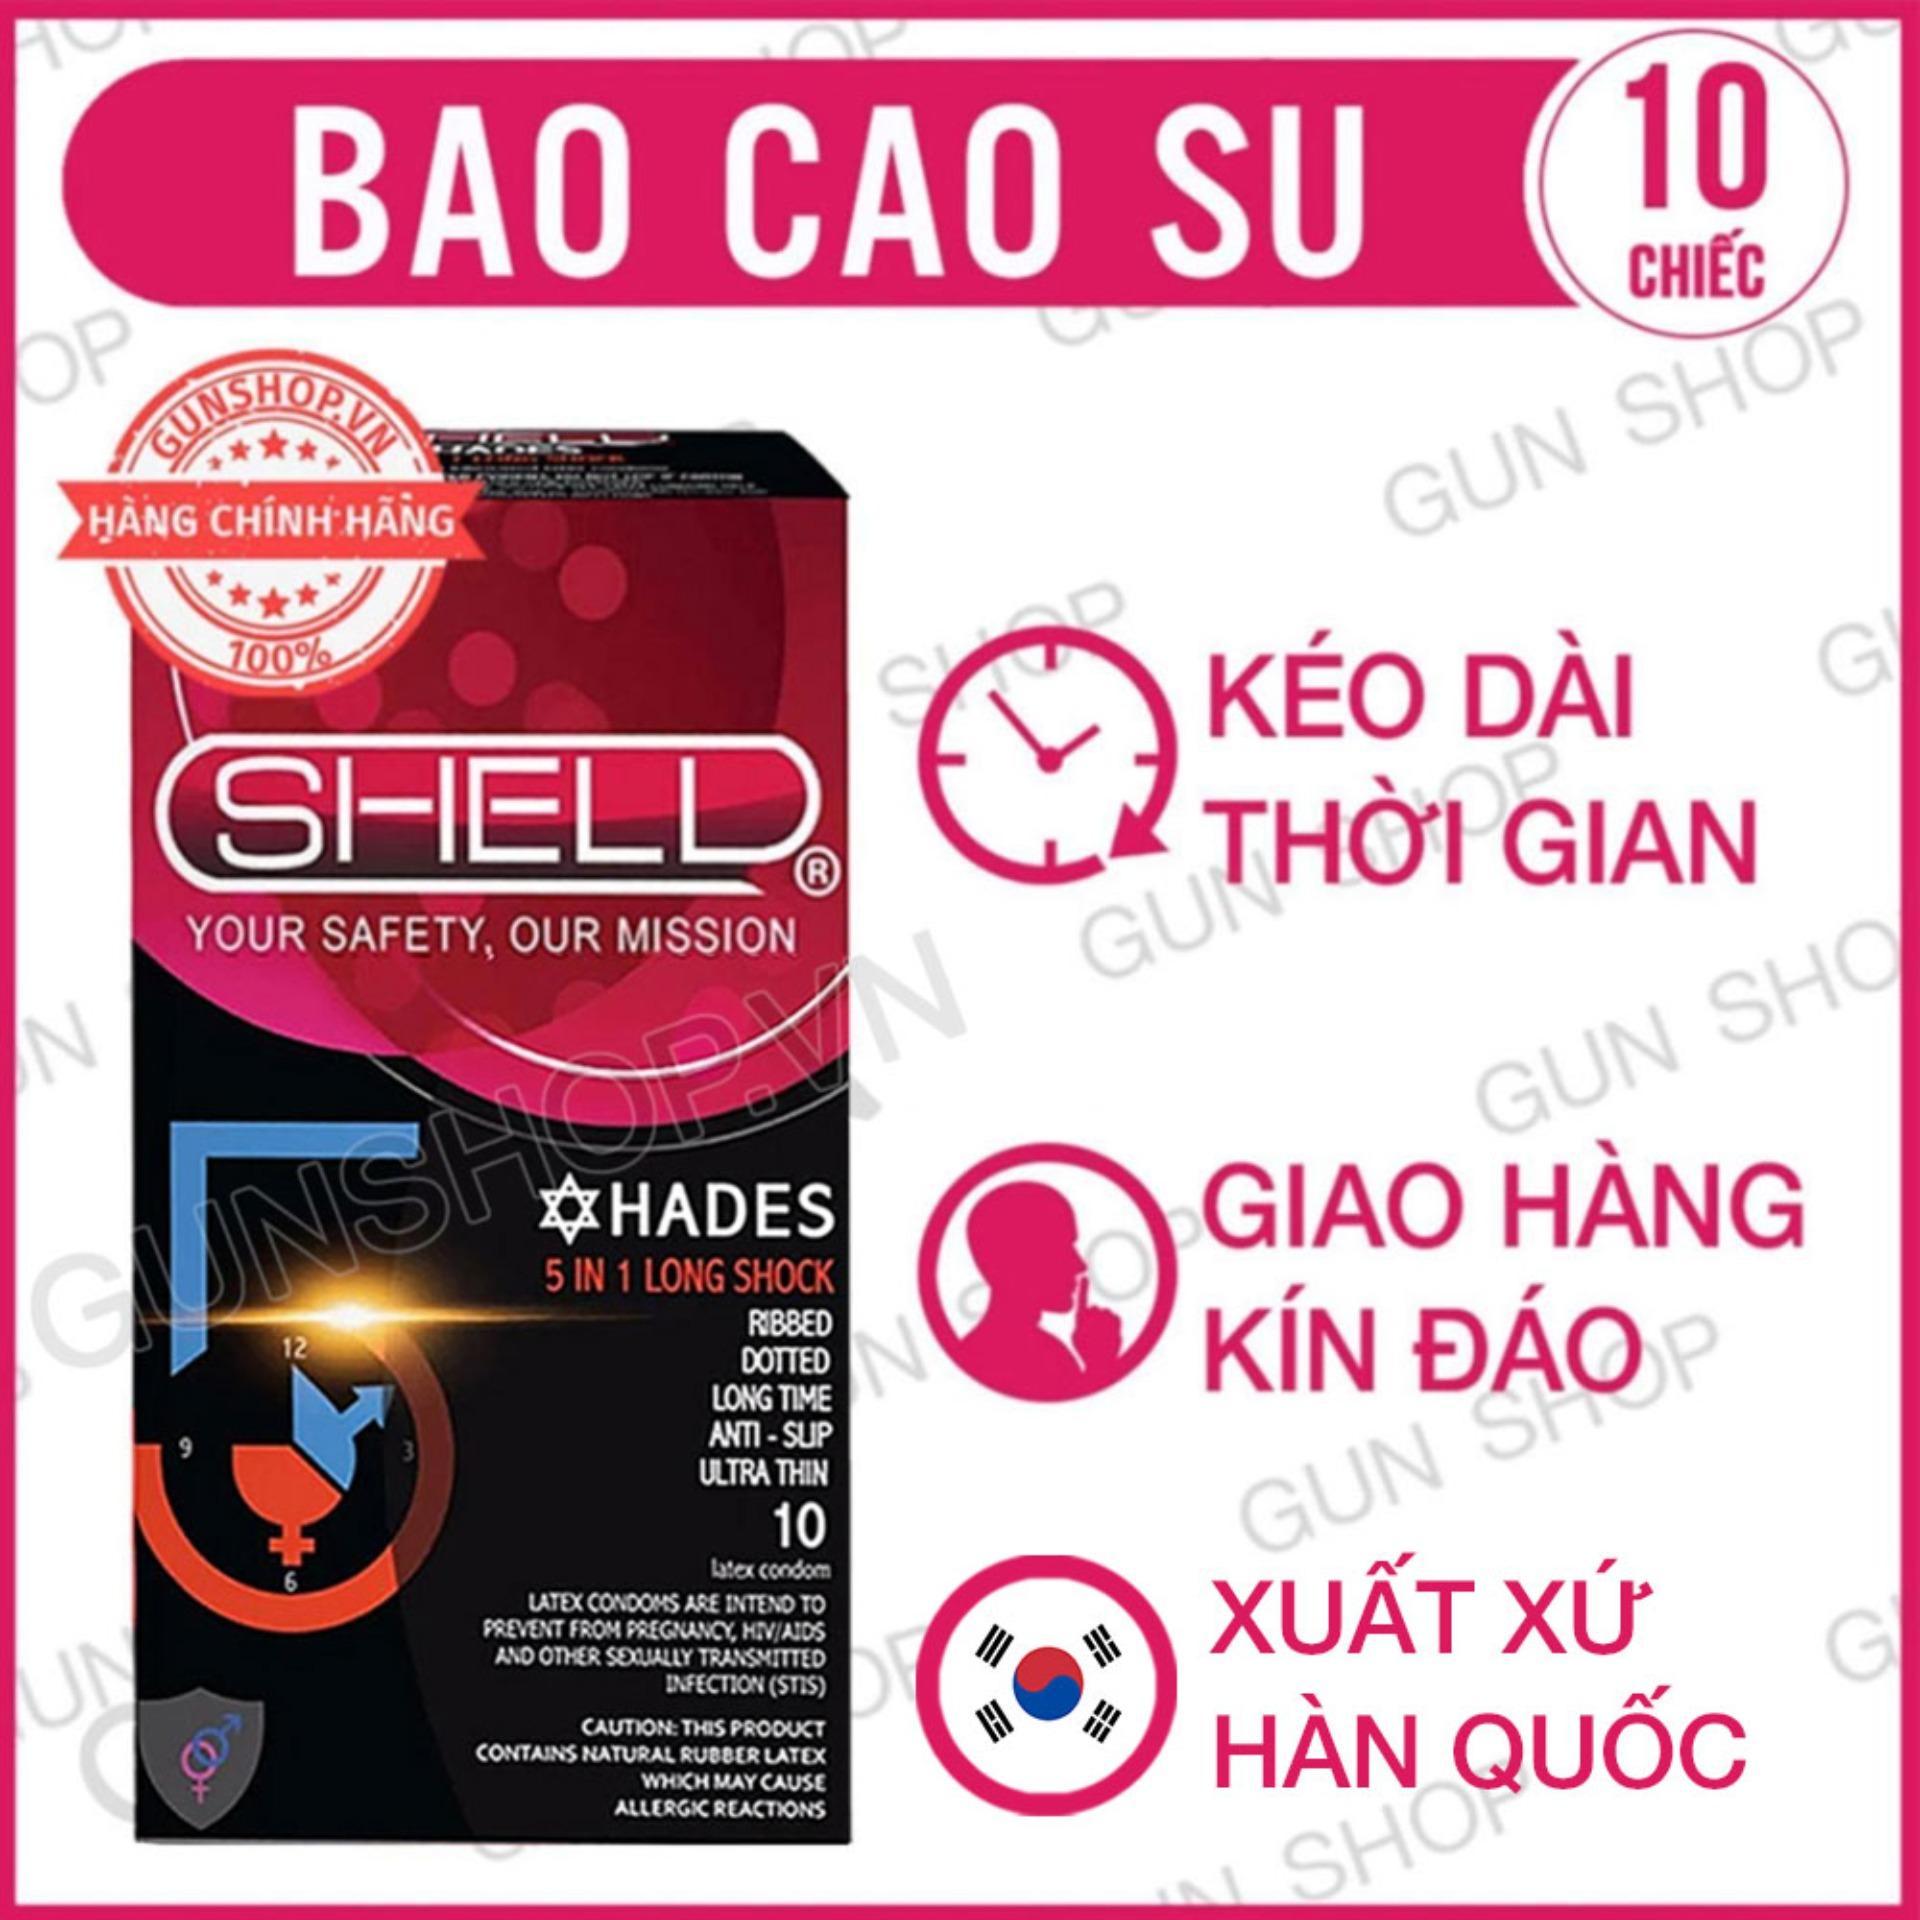 Bao Cao Su Shell Premium 5 In 1 Long Shock gân, gai, kéo dài thời gian, siêu mỏng & thiết kế chống tuột bao ( Hộp 10 chiếc ) - [ Gunshop-BCS01 ] (CT01)